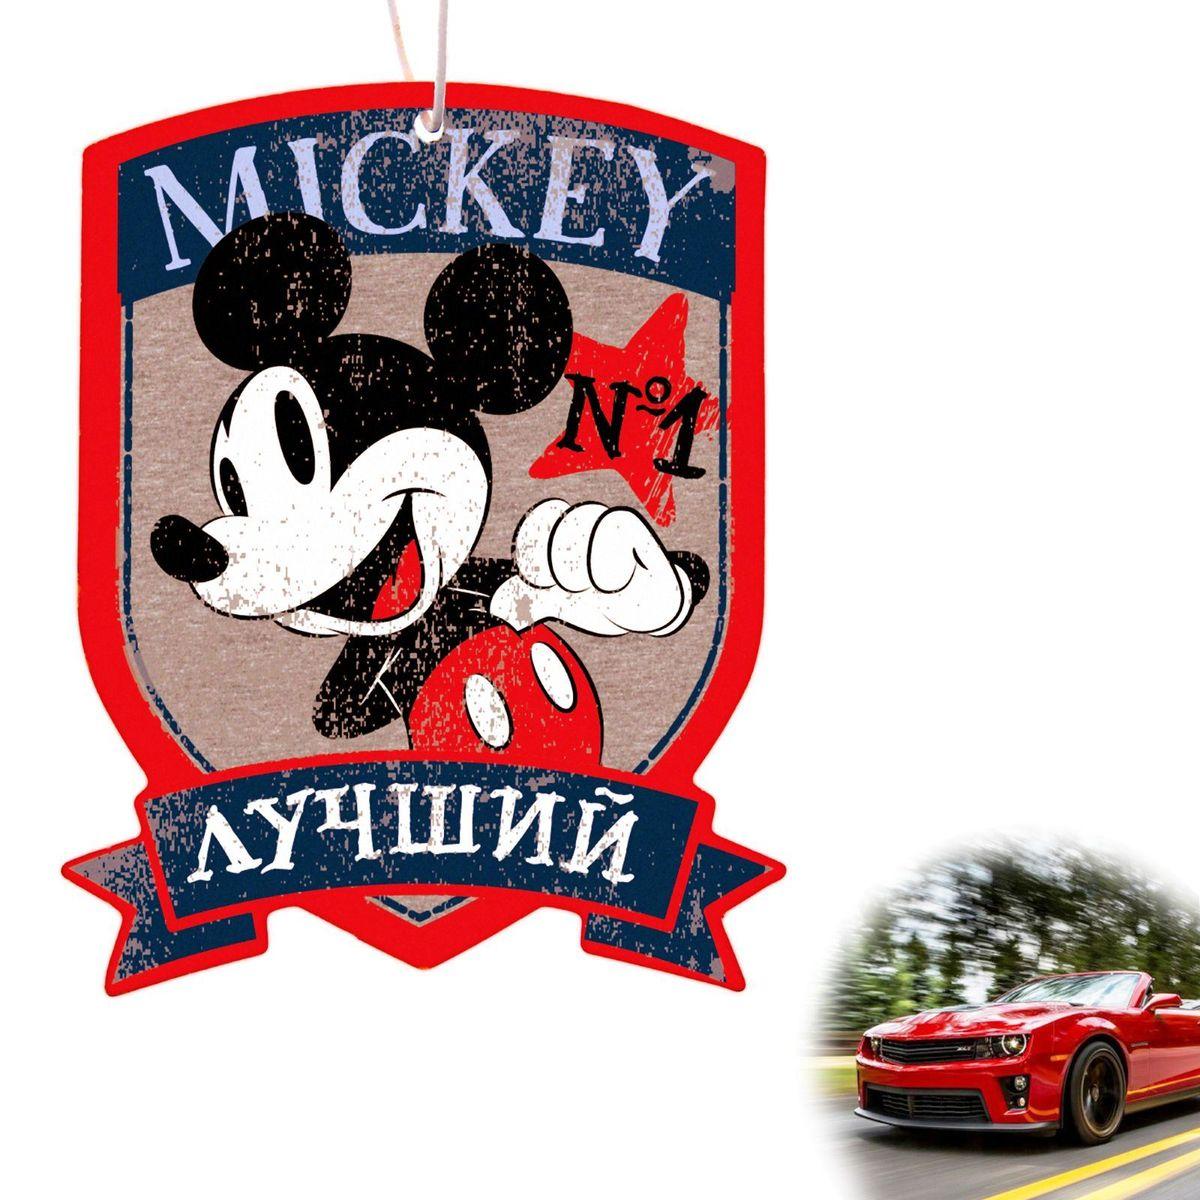 Ароматизатор в авто Disney Микки Маус. Mickey лучший, 8,6 х 16,1 смCA-3505Яркость в серые городские будни и скучную езду по пробкам добавит ароматизатор в авто. В нем сочетаются эксклюзивный дизайн и приятный аромат. Повесьте его на зеркало, и любимые герои уничтожат неприятные запахи.Если у вас нет автомобиля — не беда! Повесьте ароматизатор дома или на работе и наслаждайтесь чудесным благоуханием.